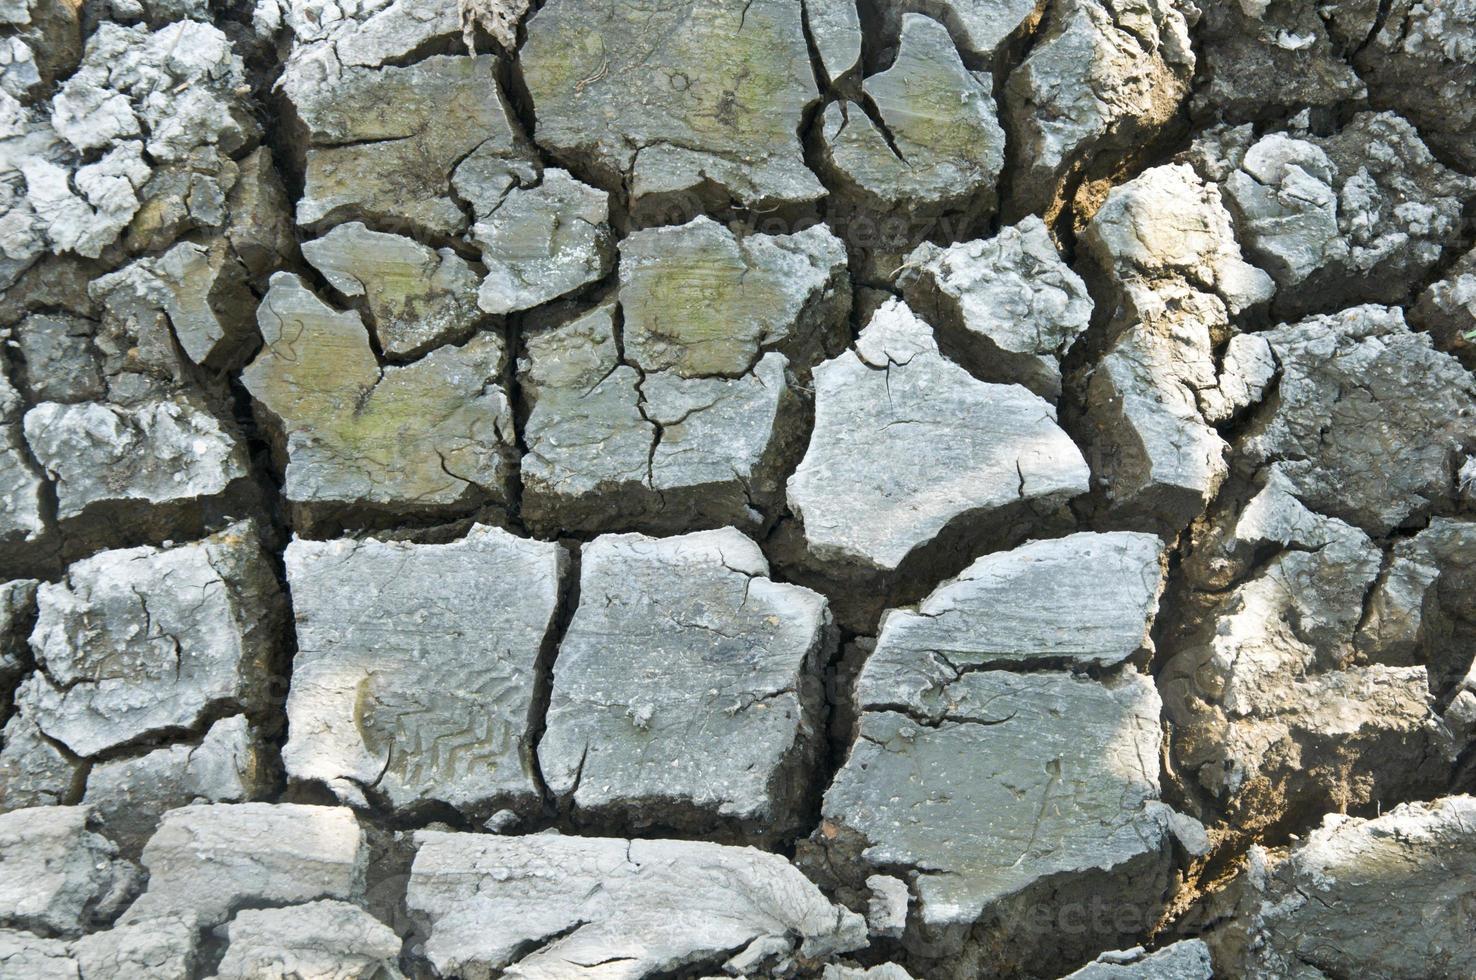 Dry ground photo